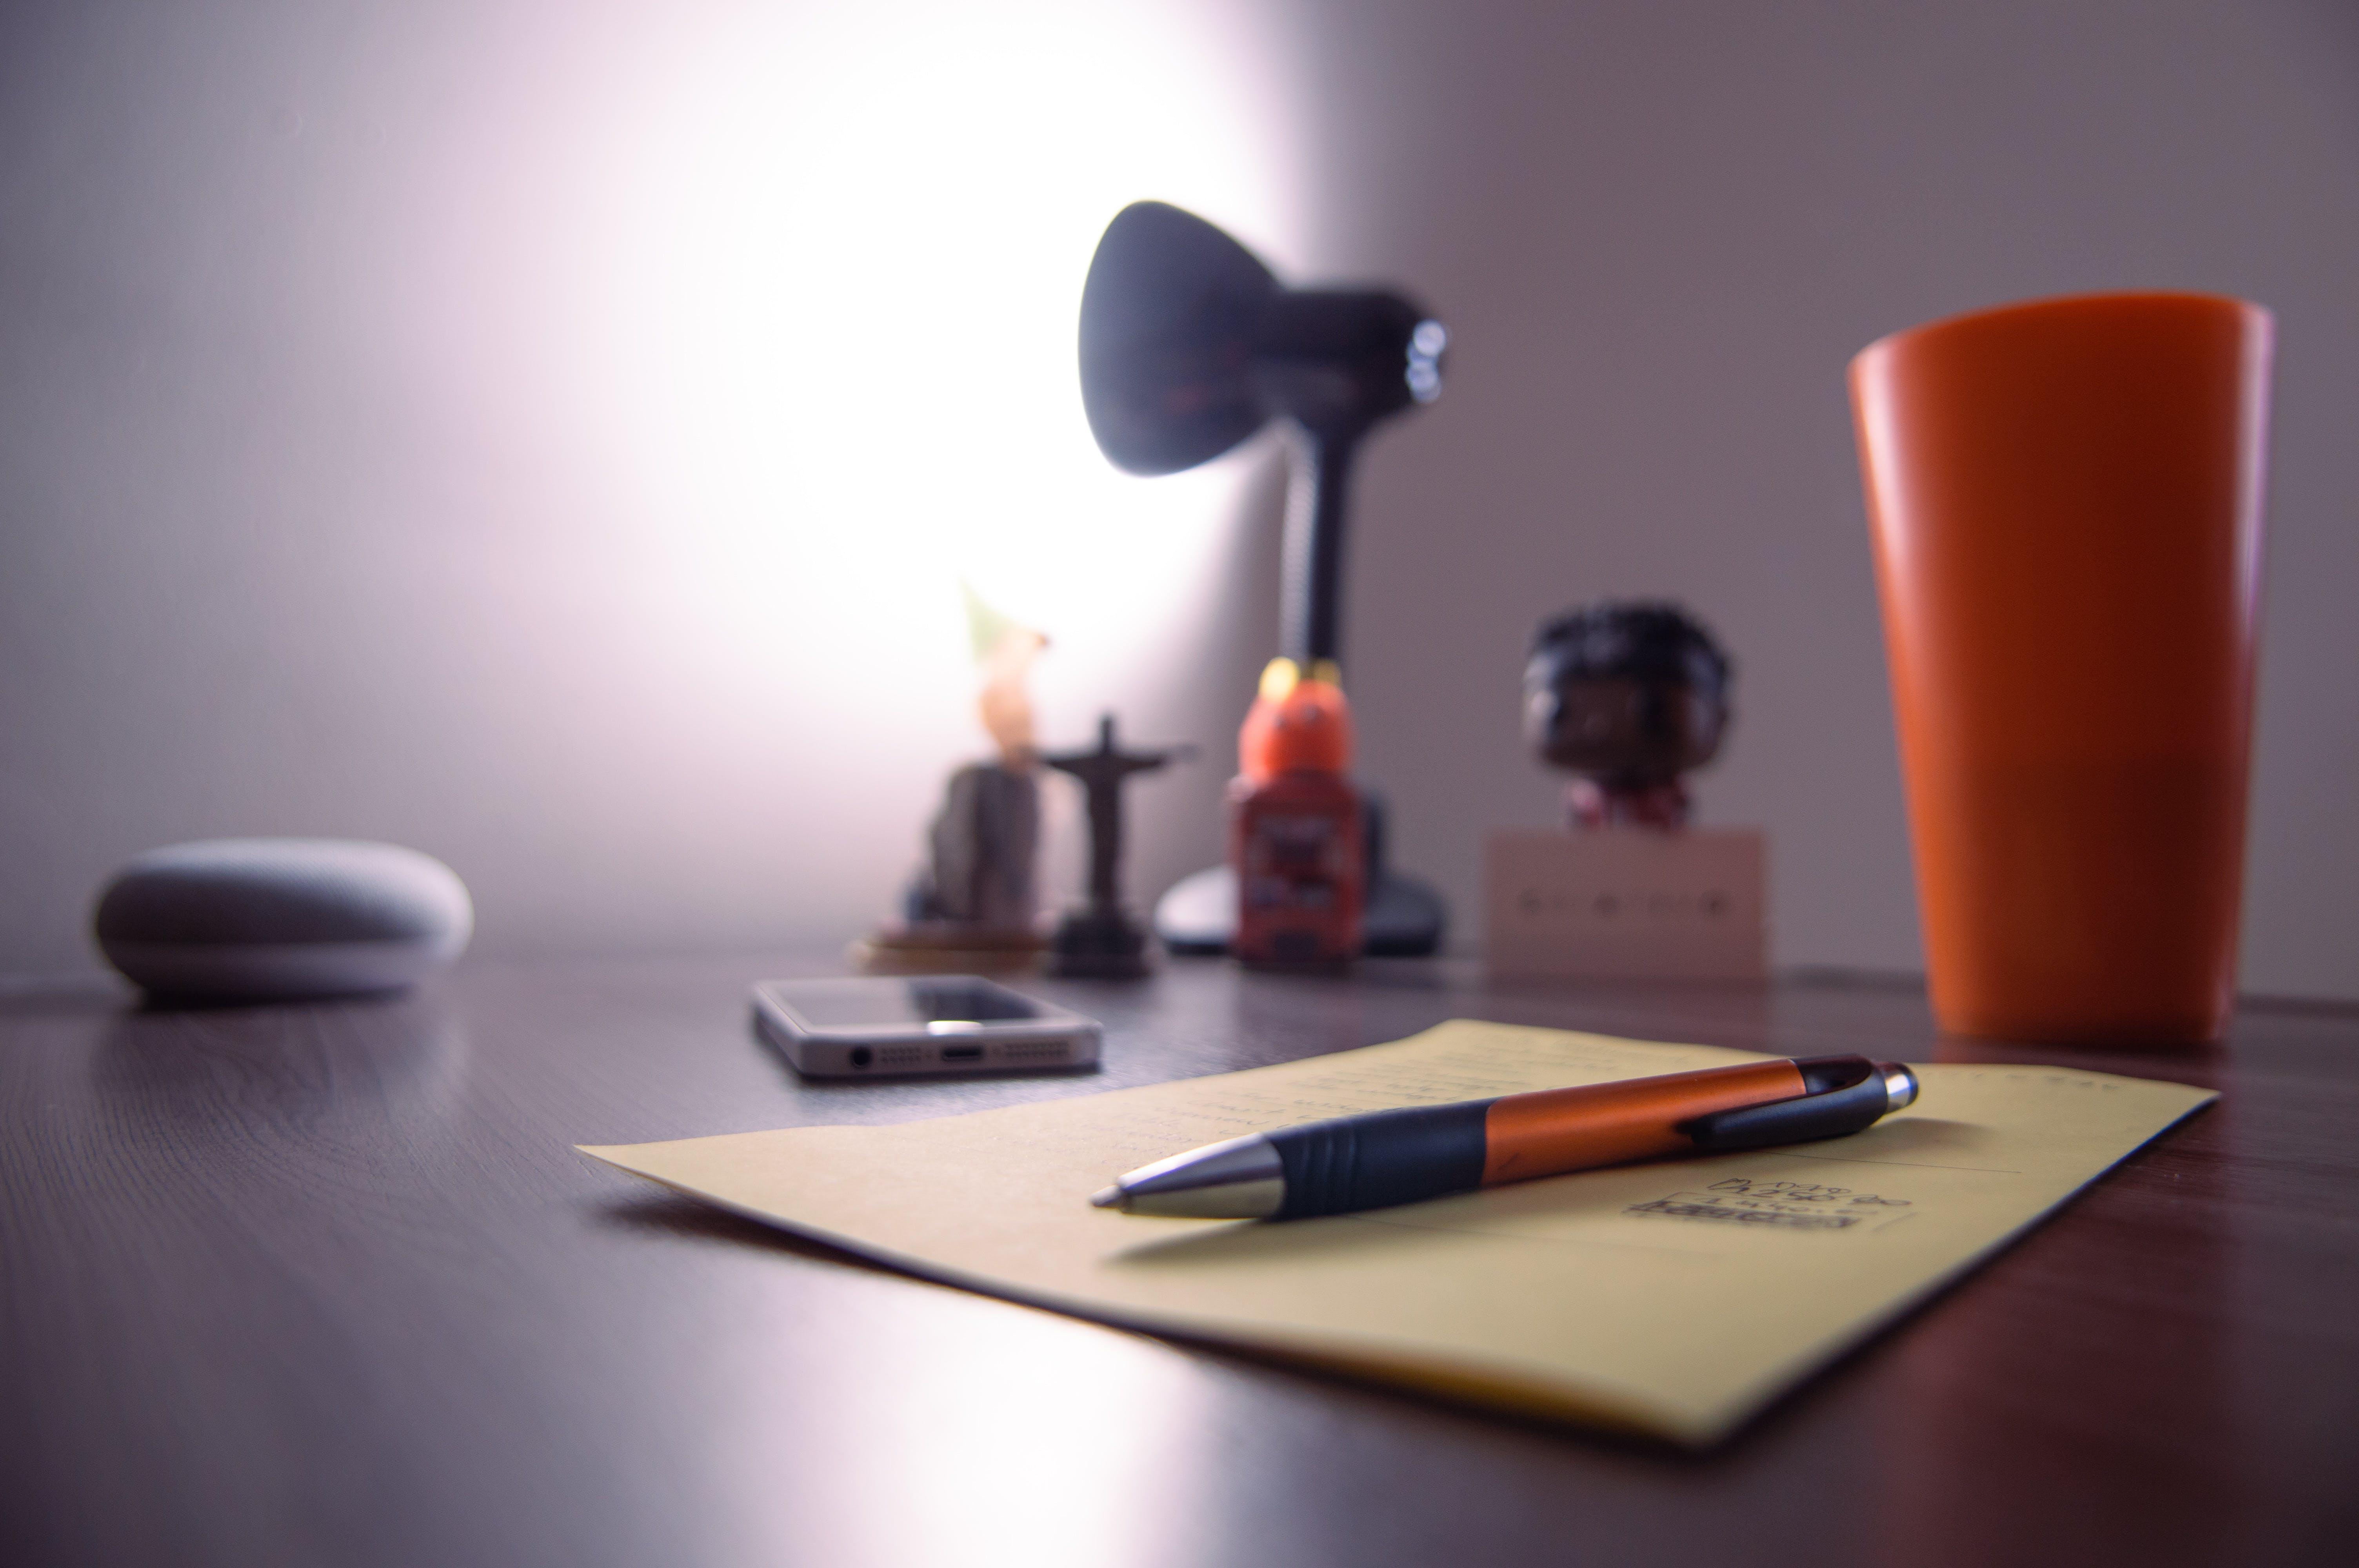 chytrý telefon, dřevěný stůl, iphone